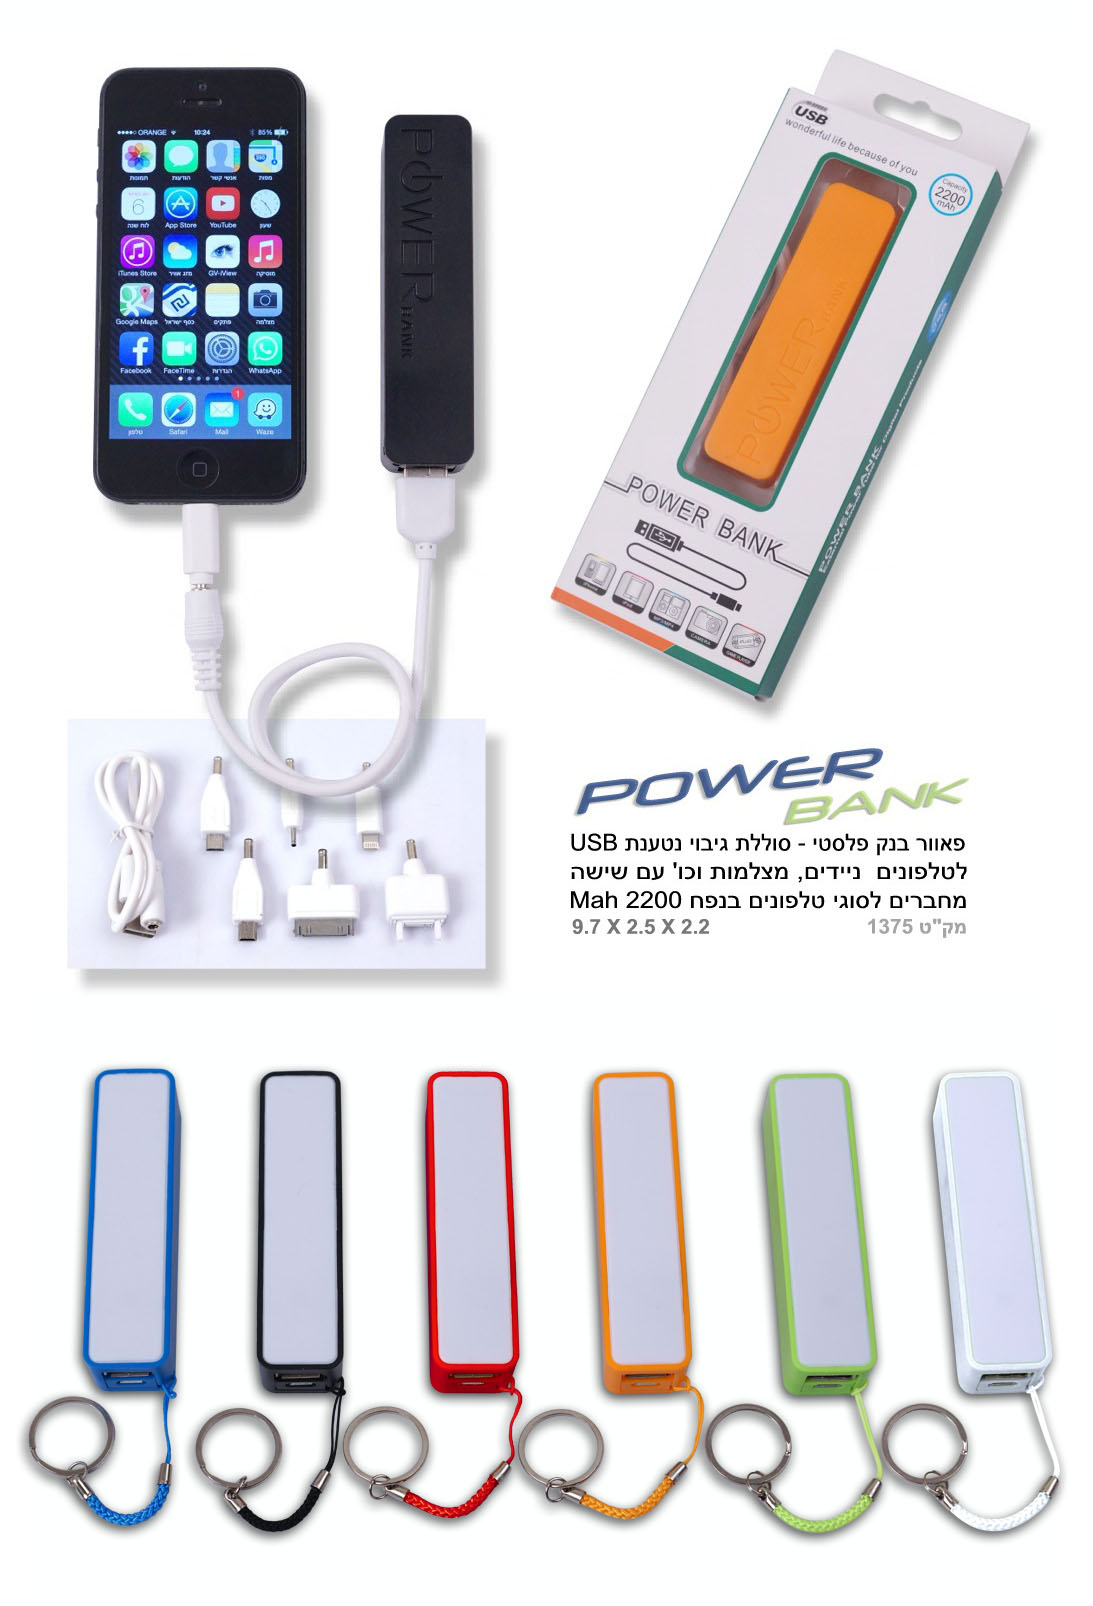 סוללת גיבוי לסמארטפון במבחר צבעים